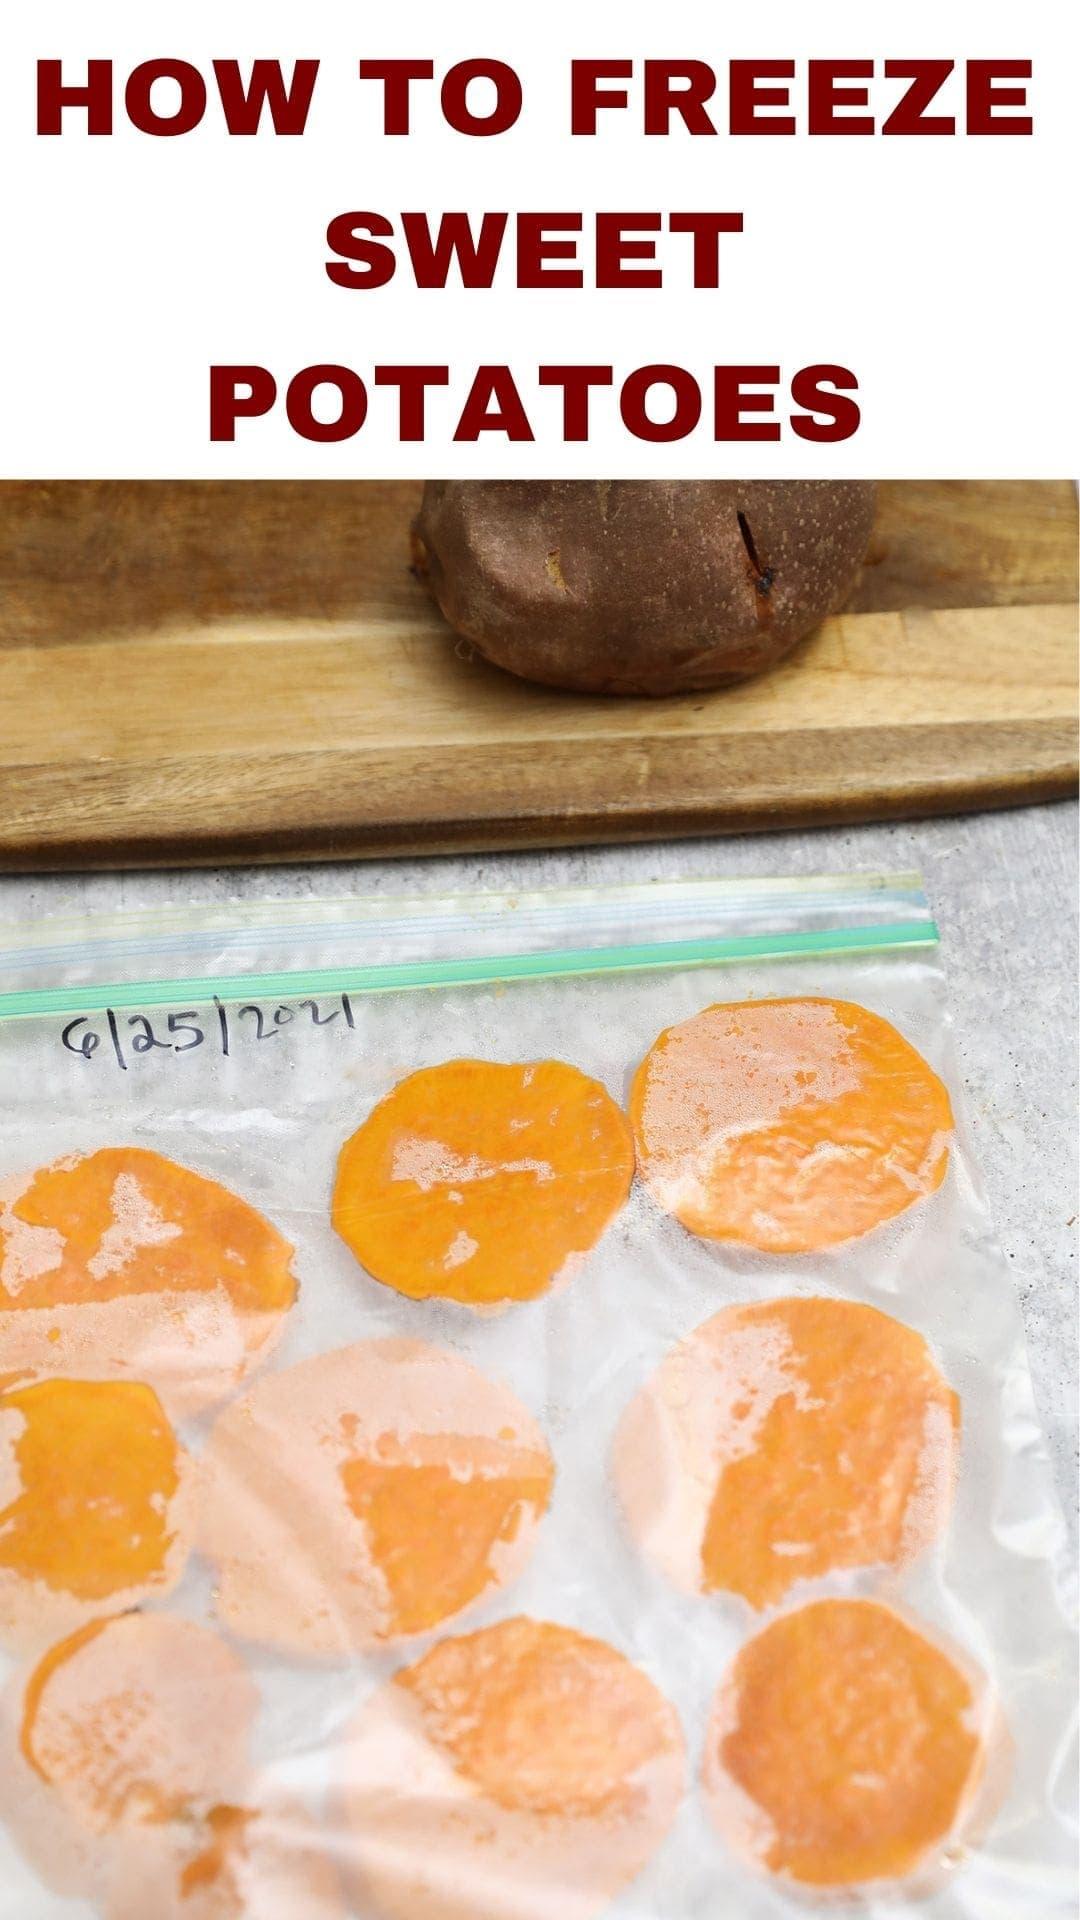 How To Freeze Sweet Potatoes?